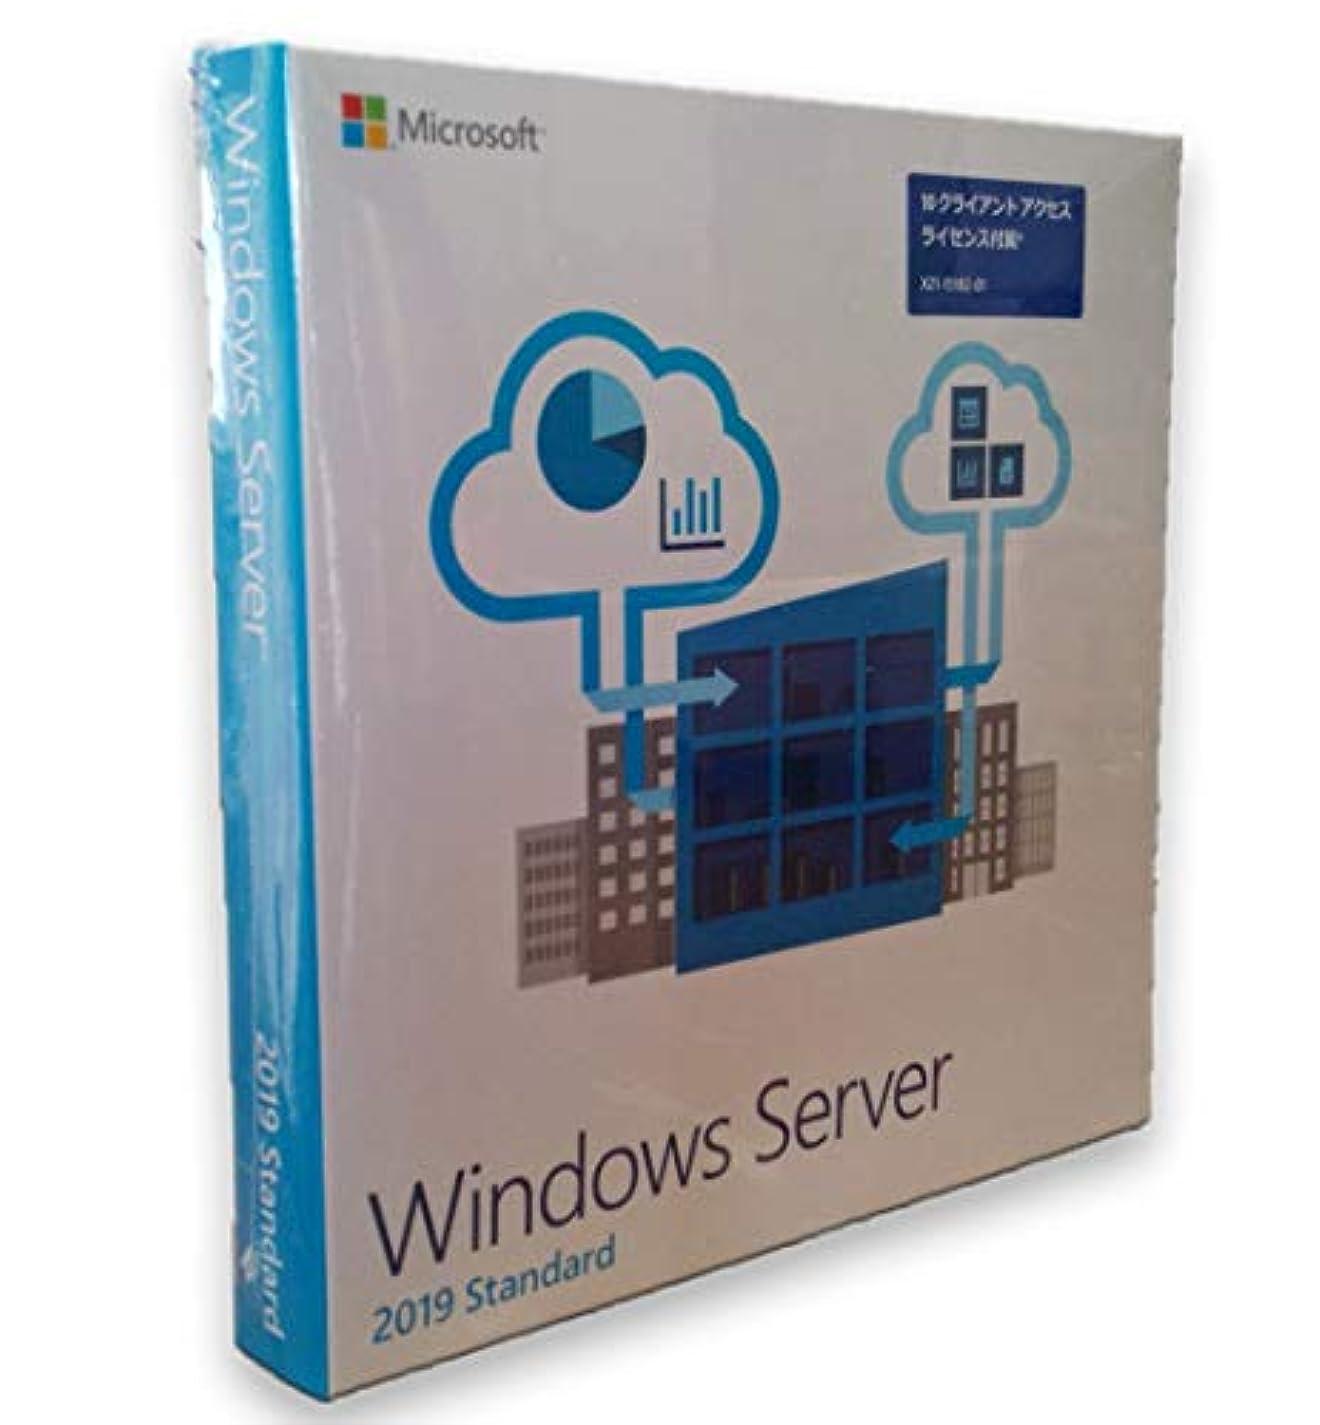 日本マイクロソフト Windows Svr Std 2019 64Bit Japanese DVD 10 Clt 16 Core License